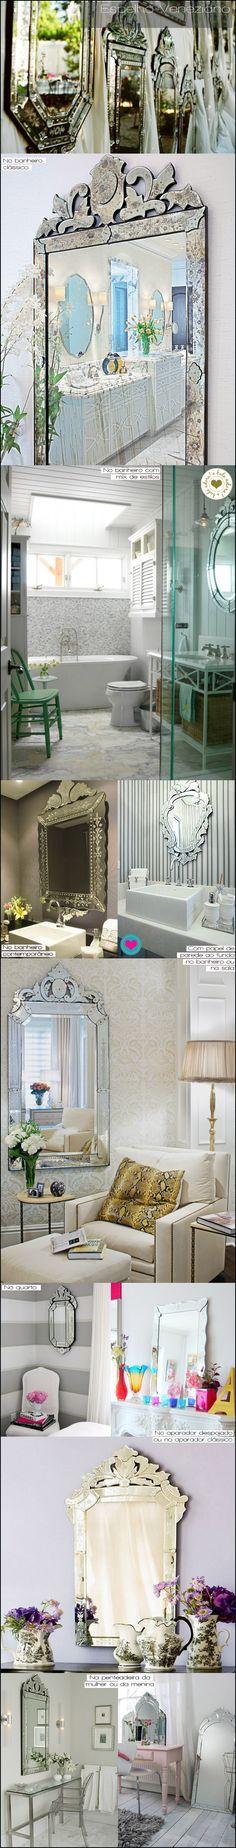 espelhos venezianos - mirror - buladaarquitetura